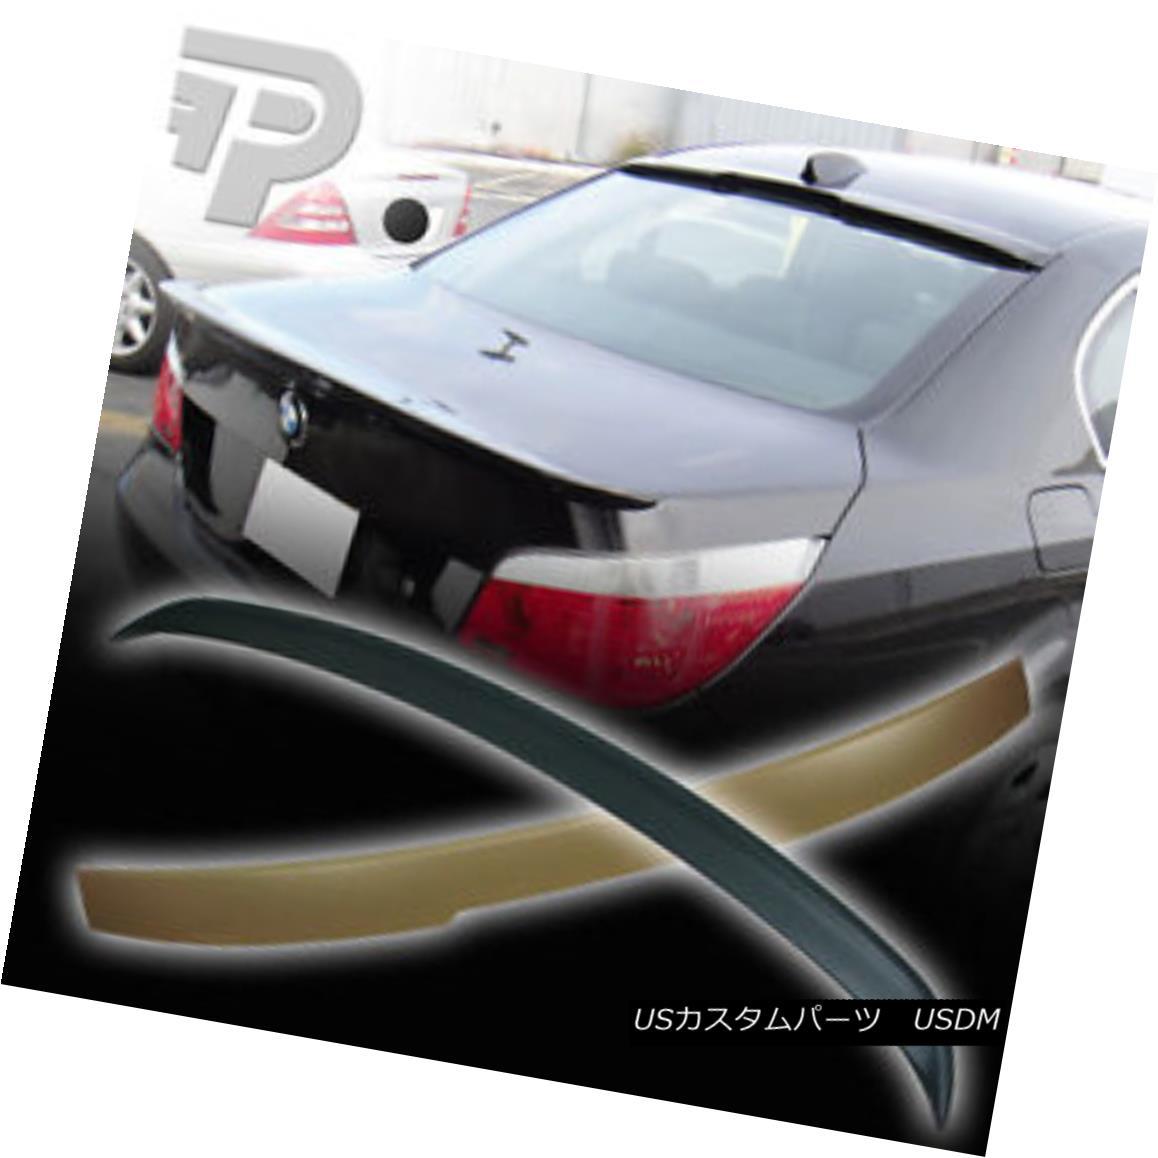 エアロパーツ BMW 5-SERIES E60 SEDAN A TYPE REAR ROOF SPOILER + BOOT TRUNK WING 04-10▼ BMW 5シリーズE60セダンAタイプリアルーフスポイラー+ブーツトランクウイング04-10?